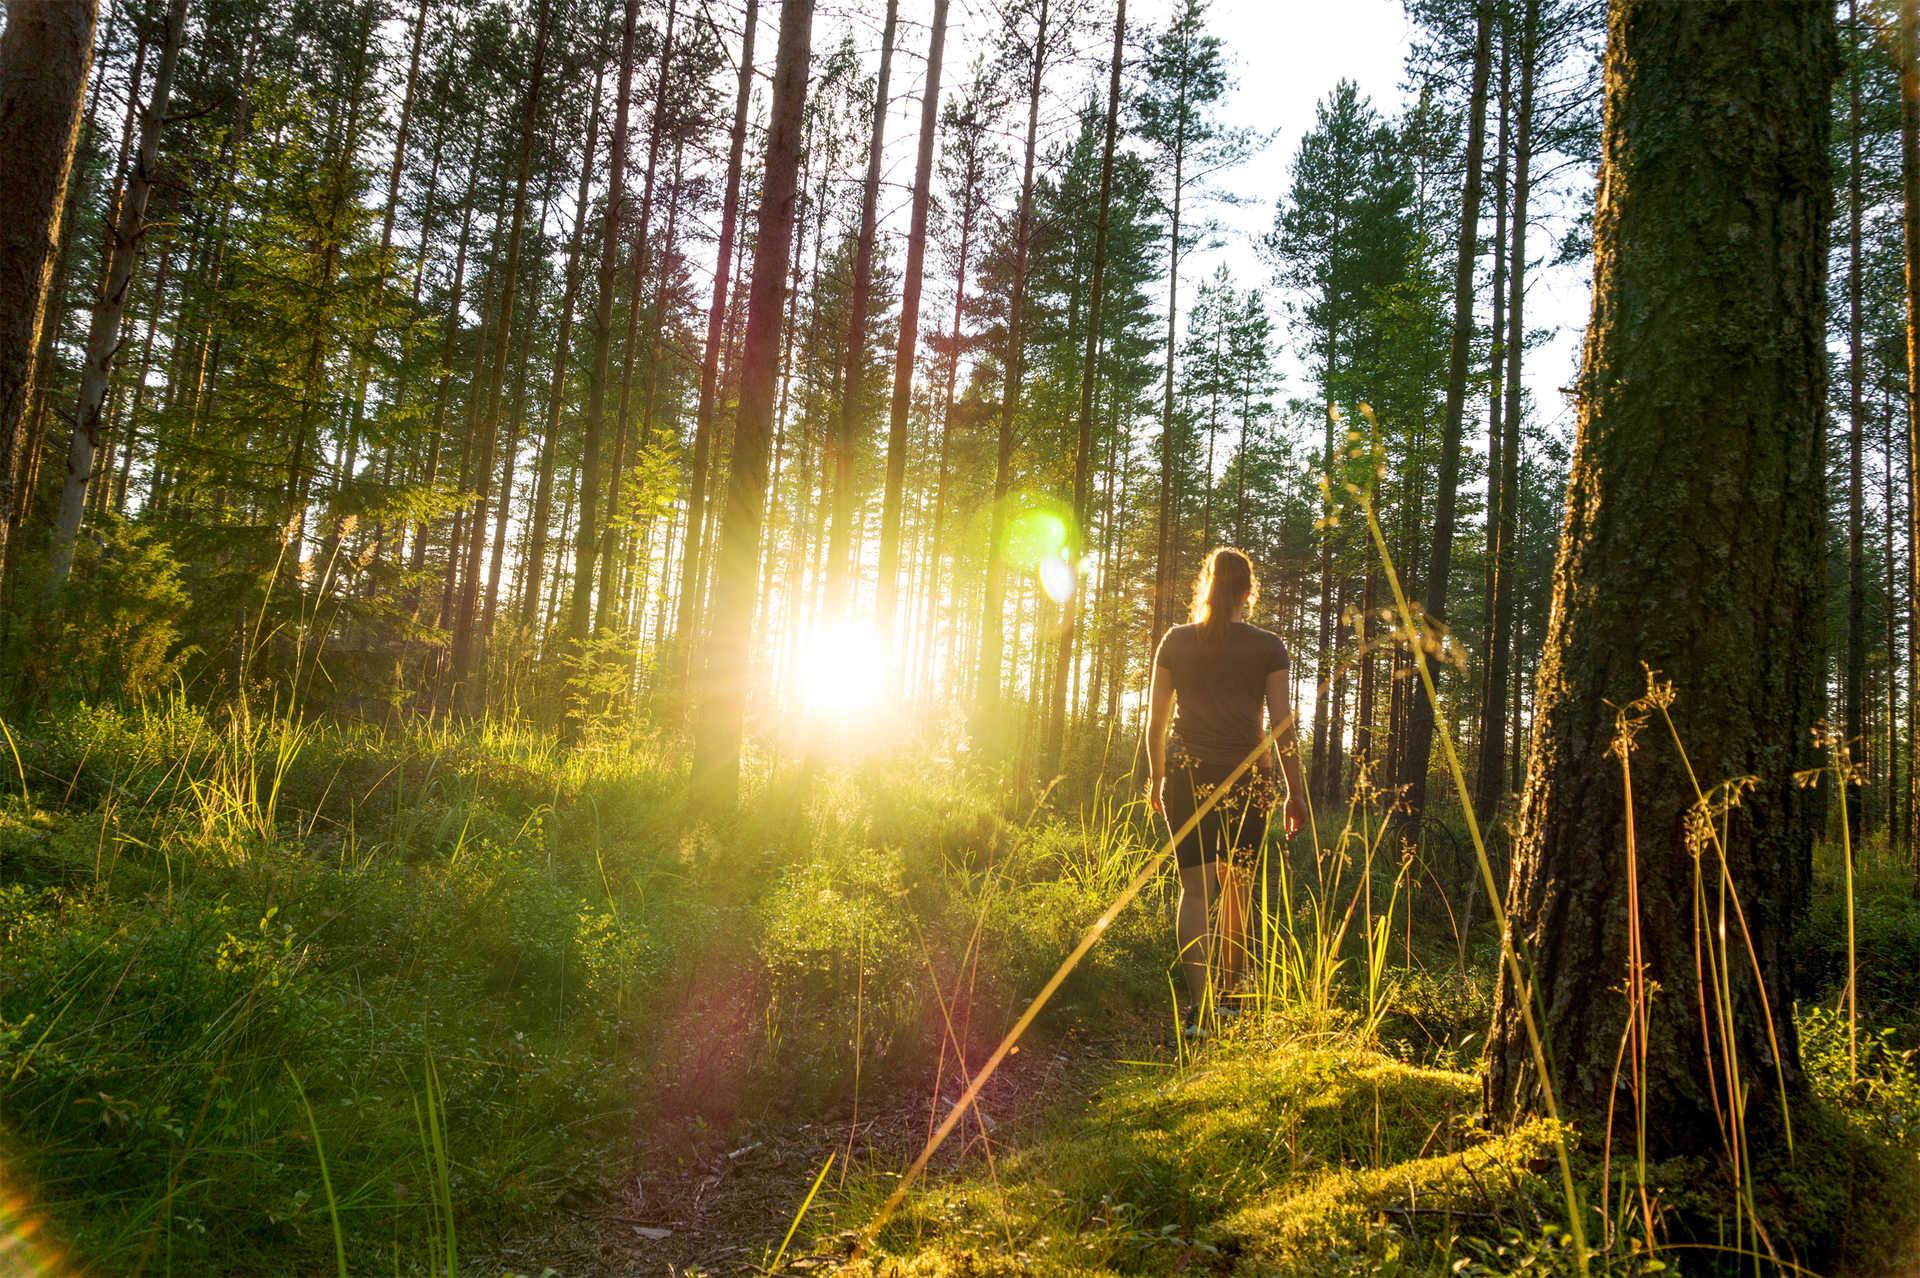 Rando dans la forêt finlandaise